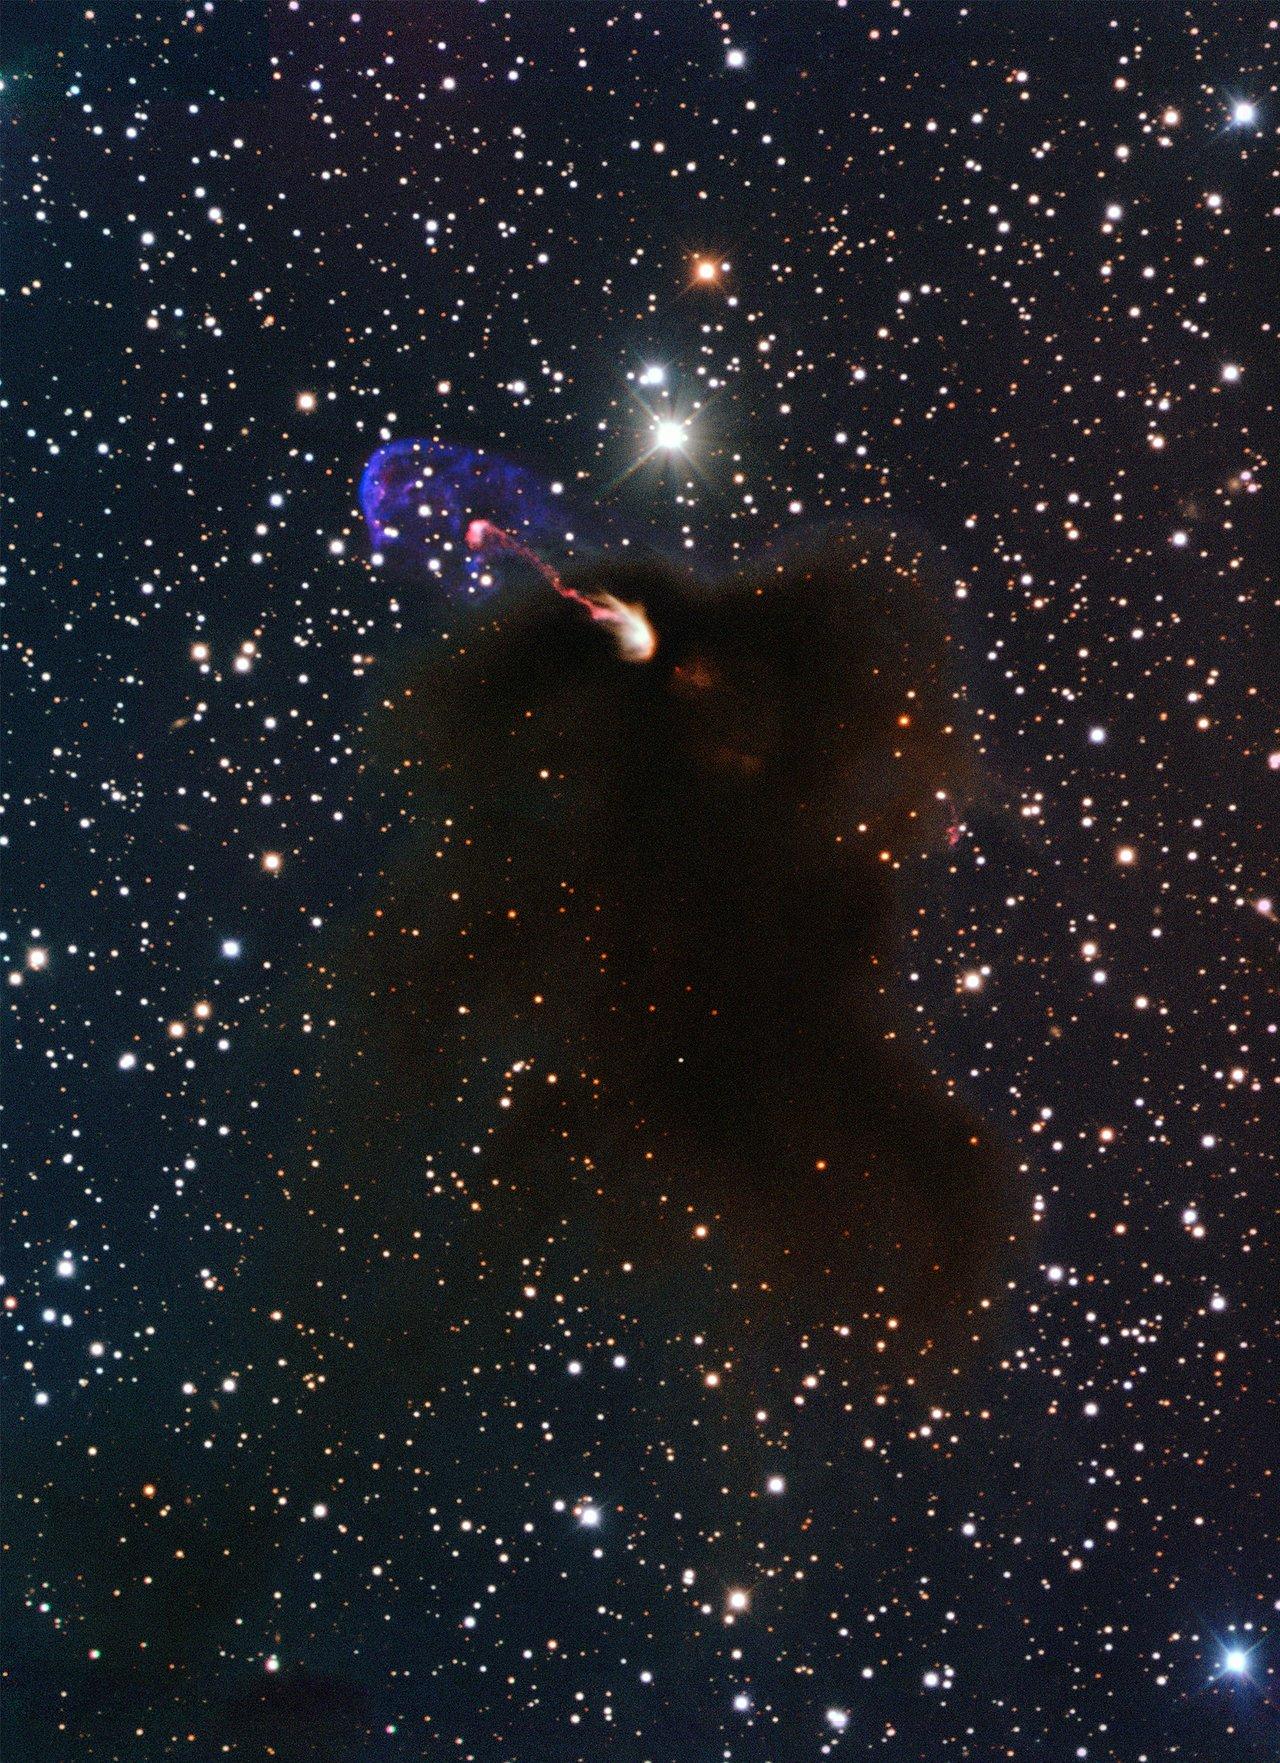 Les jets de gaz d'une étoile en gestation observés avec ALMA